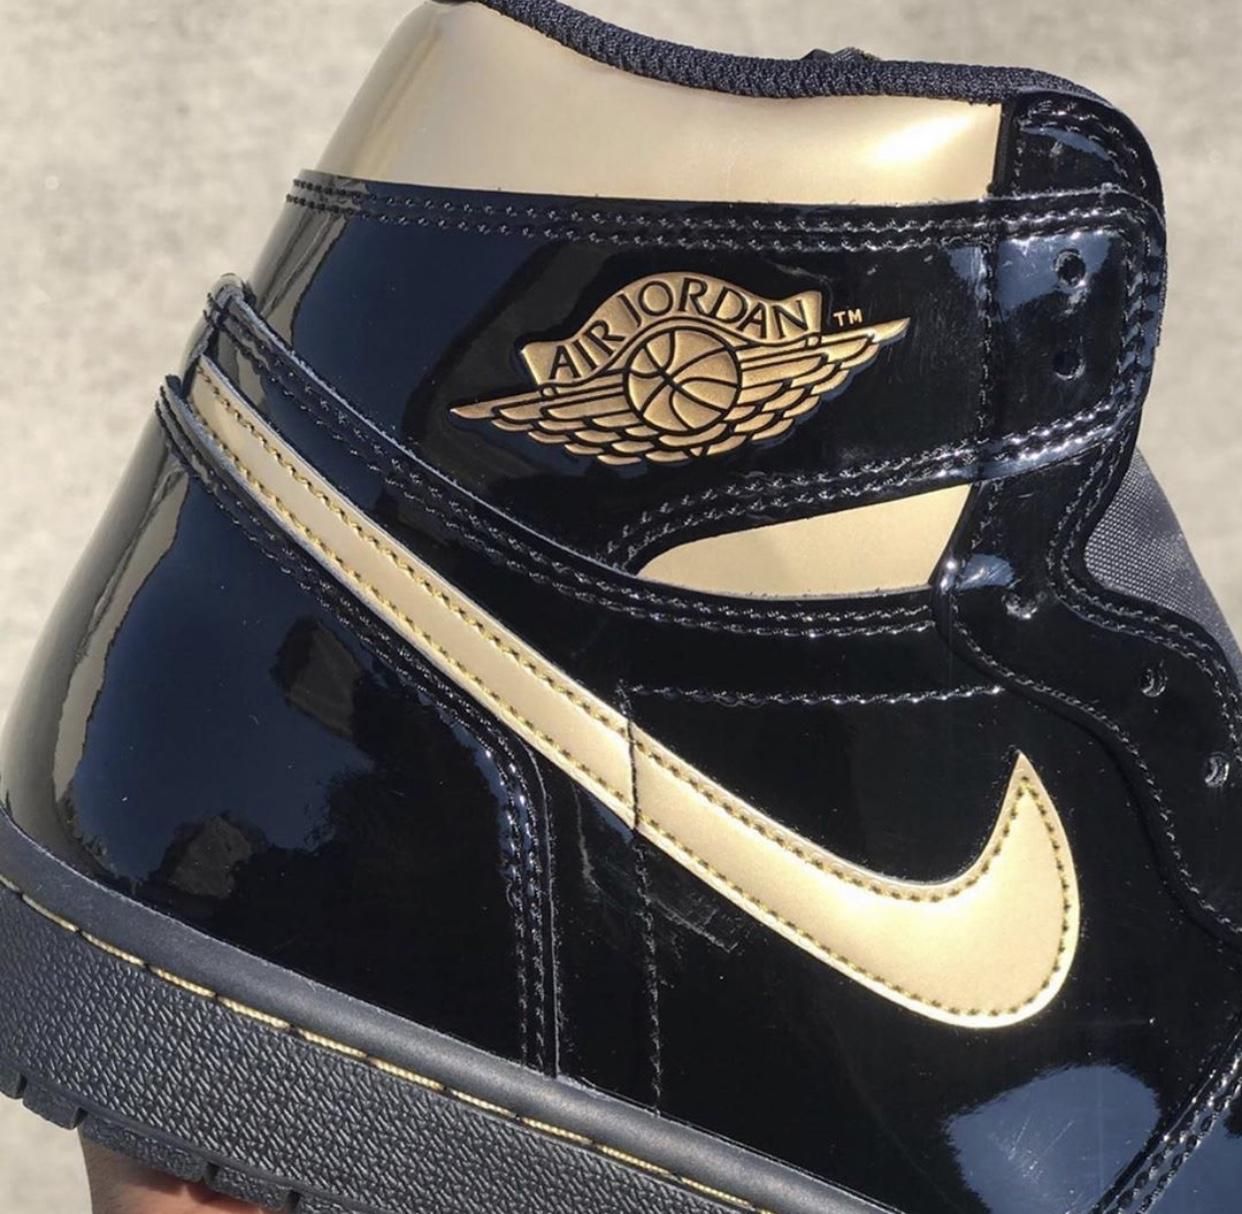 Air Jordan 1 High OG Black Gold Release Info